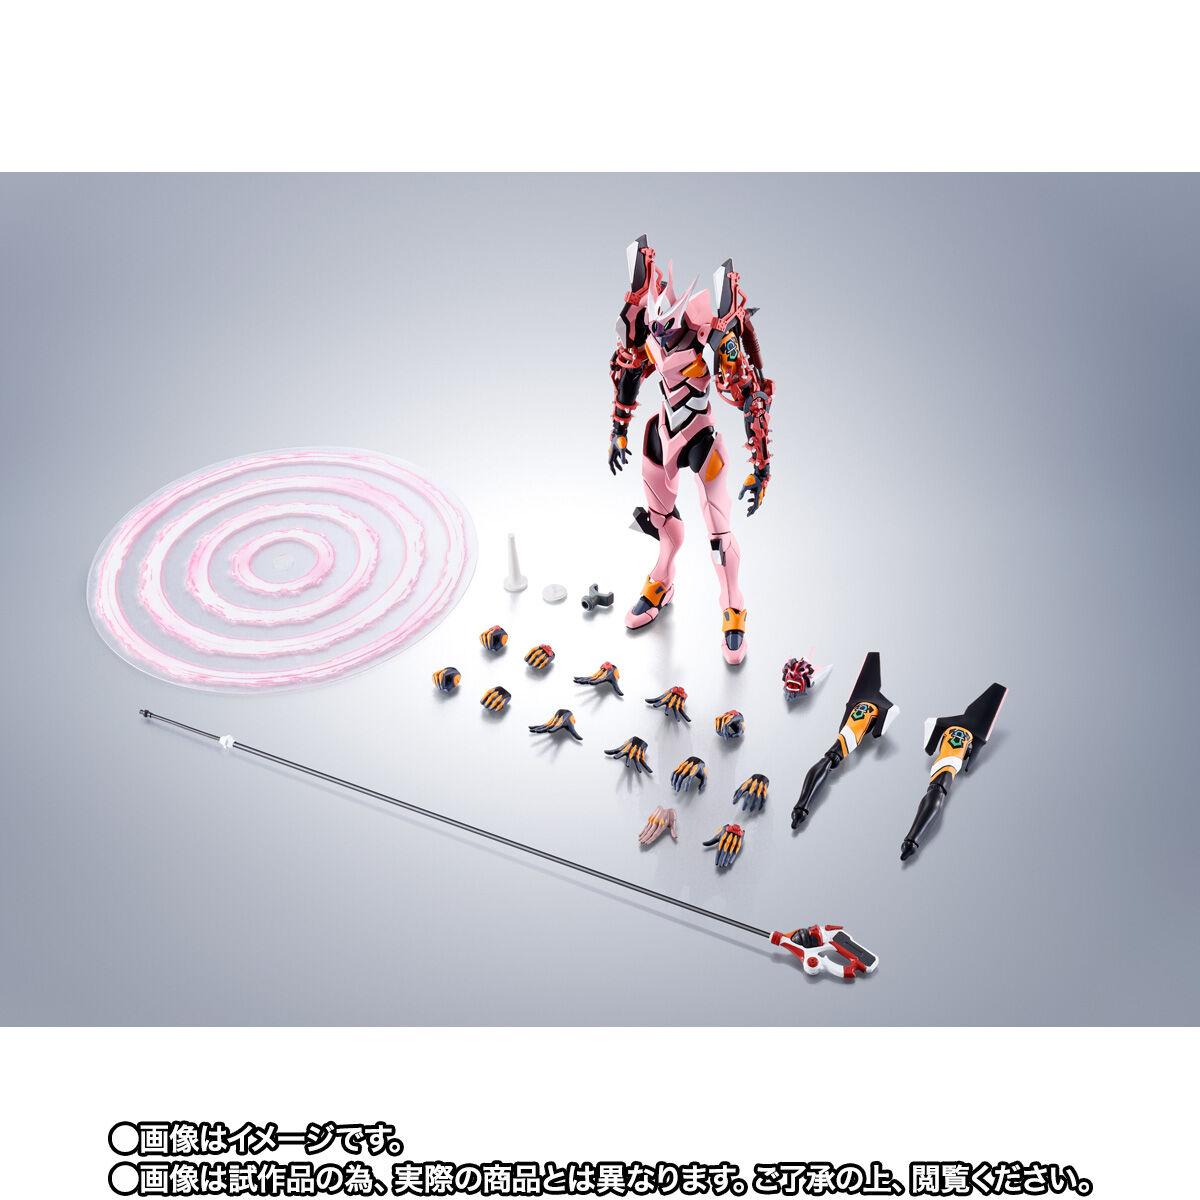 【限定販売】ROBOT魂〈SIDE EVA〉『エヴァンゲリオン改8号機y』シン・エヴァンゲリオン劇場版 可動フィギュア-010